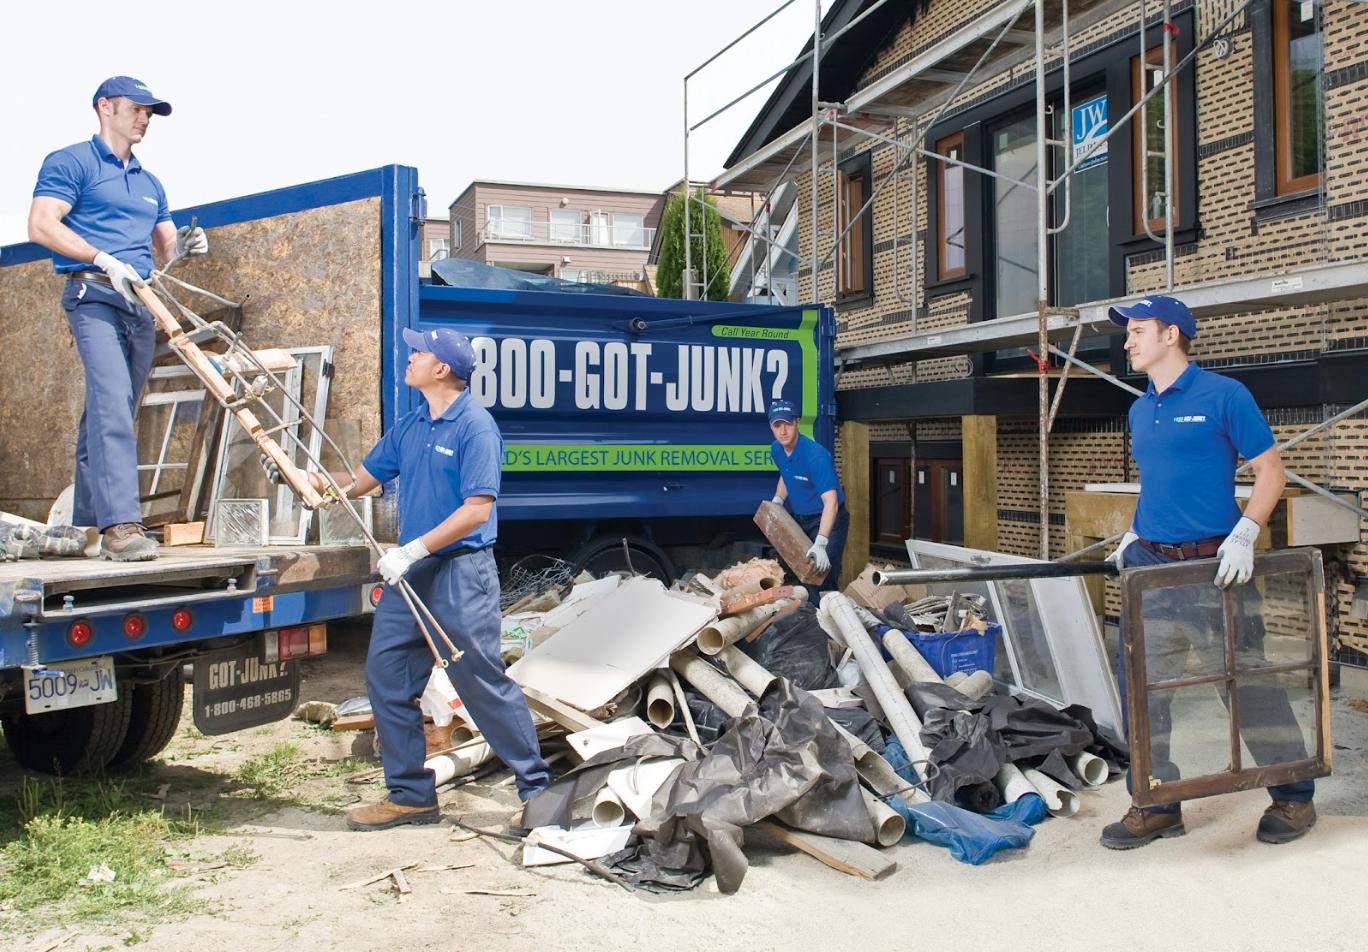 бизнес-план вывоза мусора